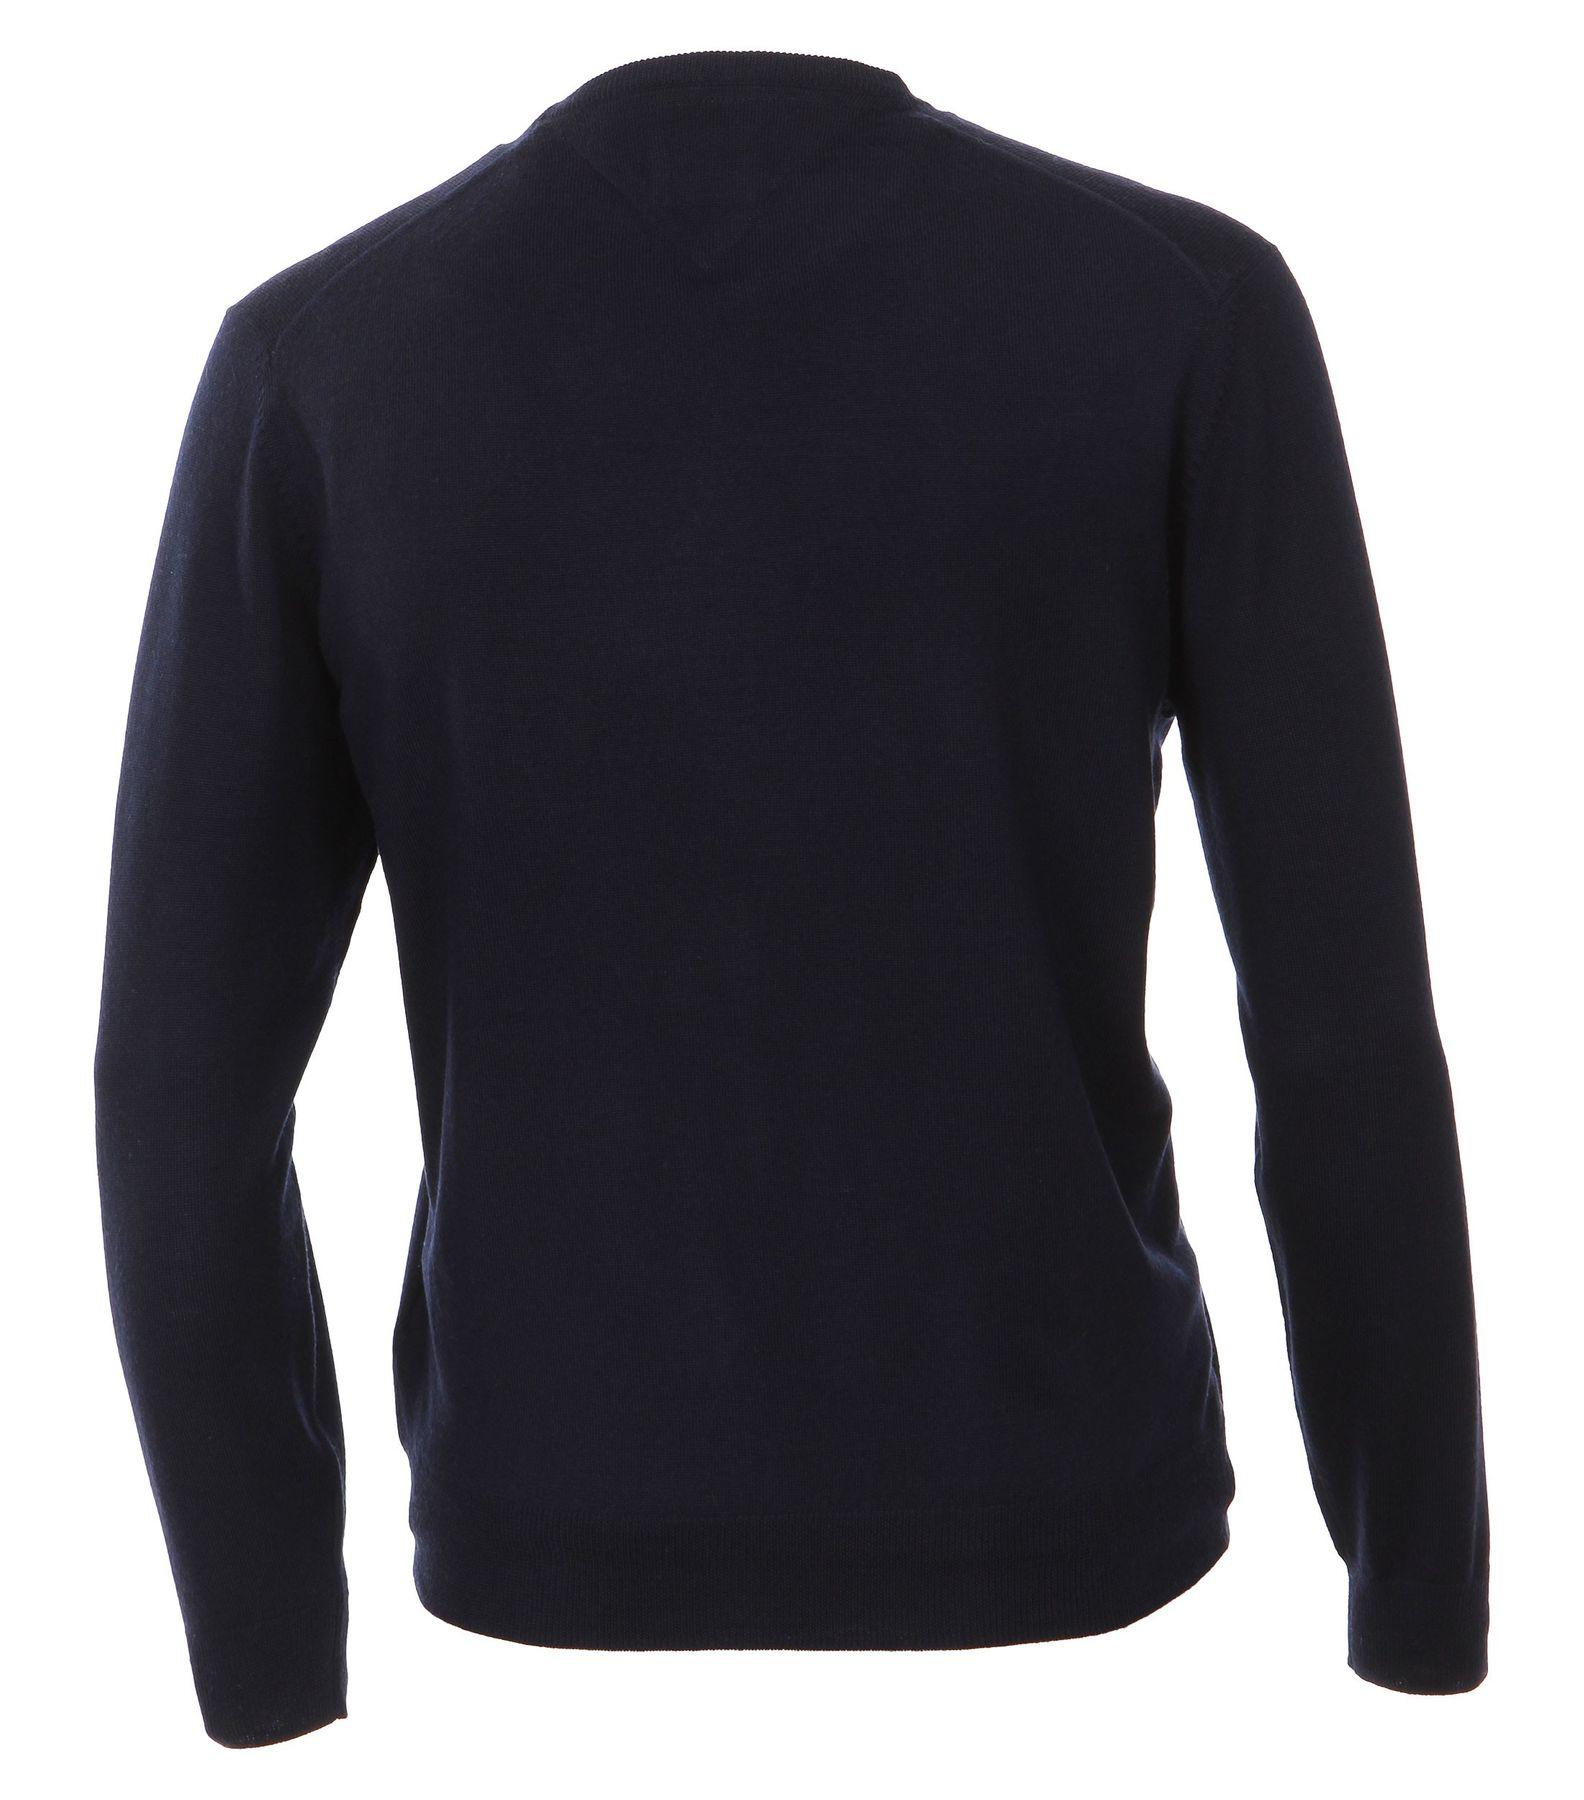 Casa Moda - Herren Pullover aus 100% Baumwolle mit V-Ausschnitt (462519900A) – Bild 2